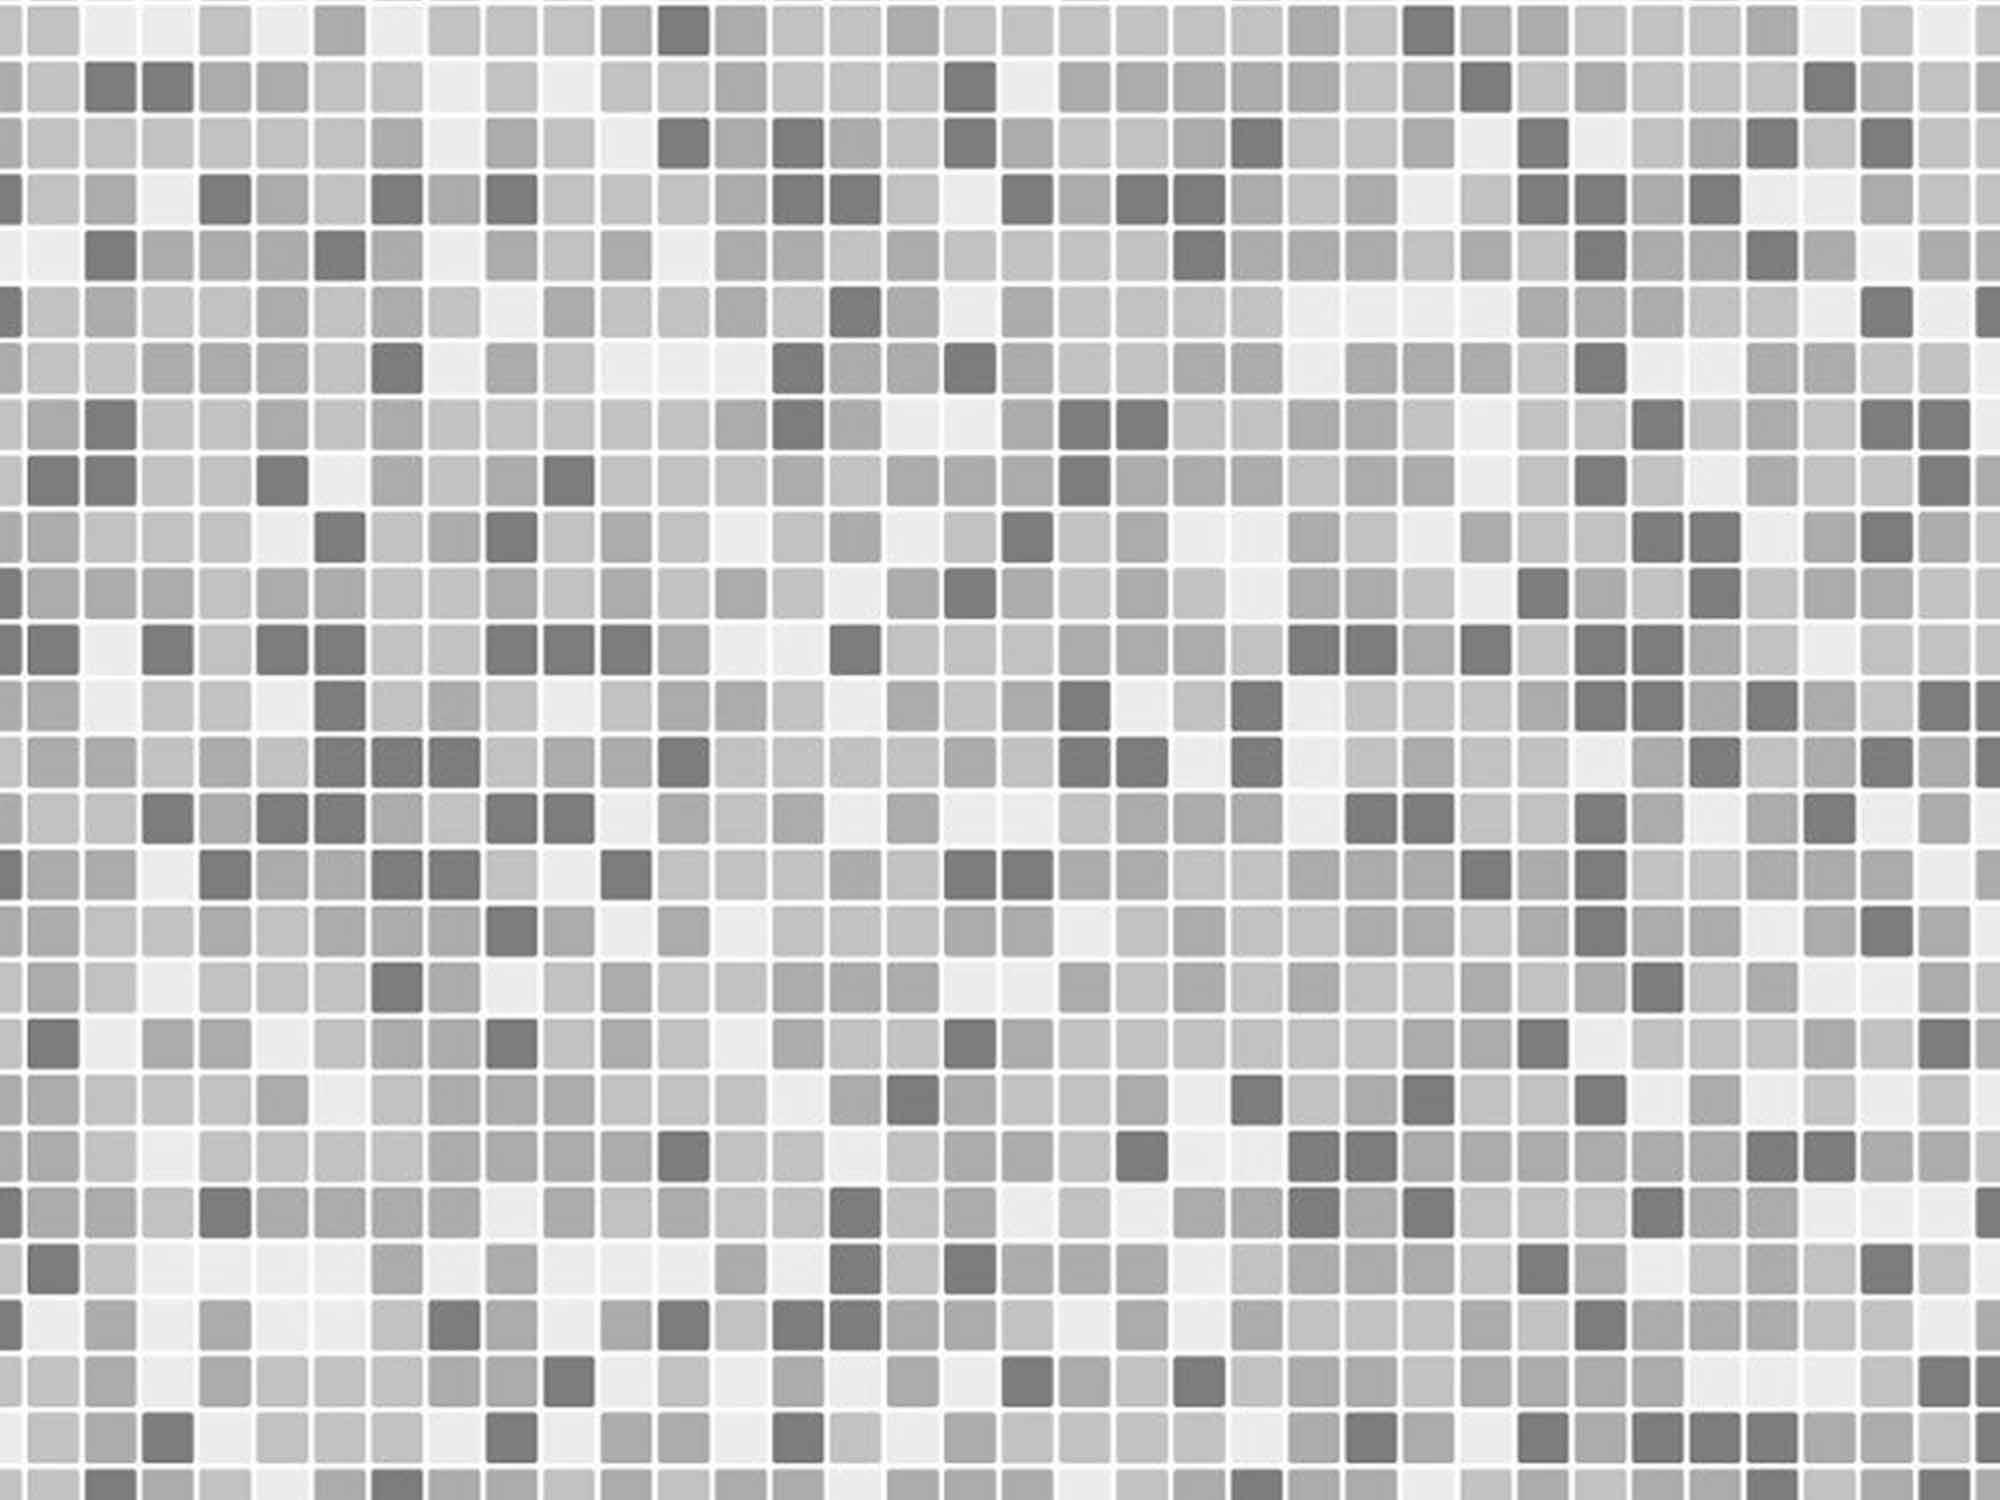 Papel de Parede para Sala Abstrato 0004  - Paredes Decoradas